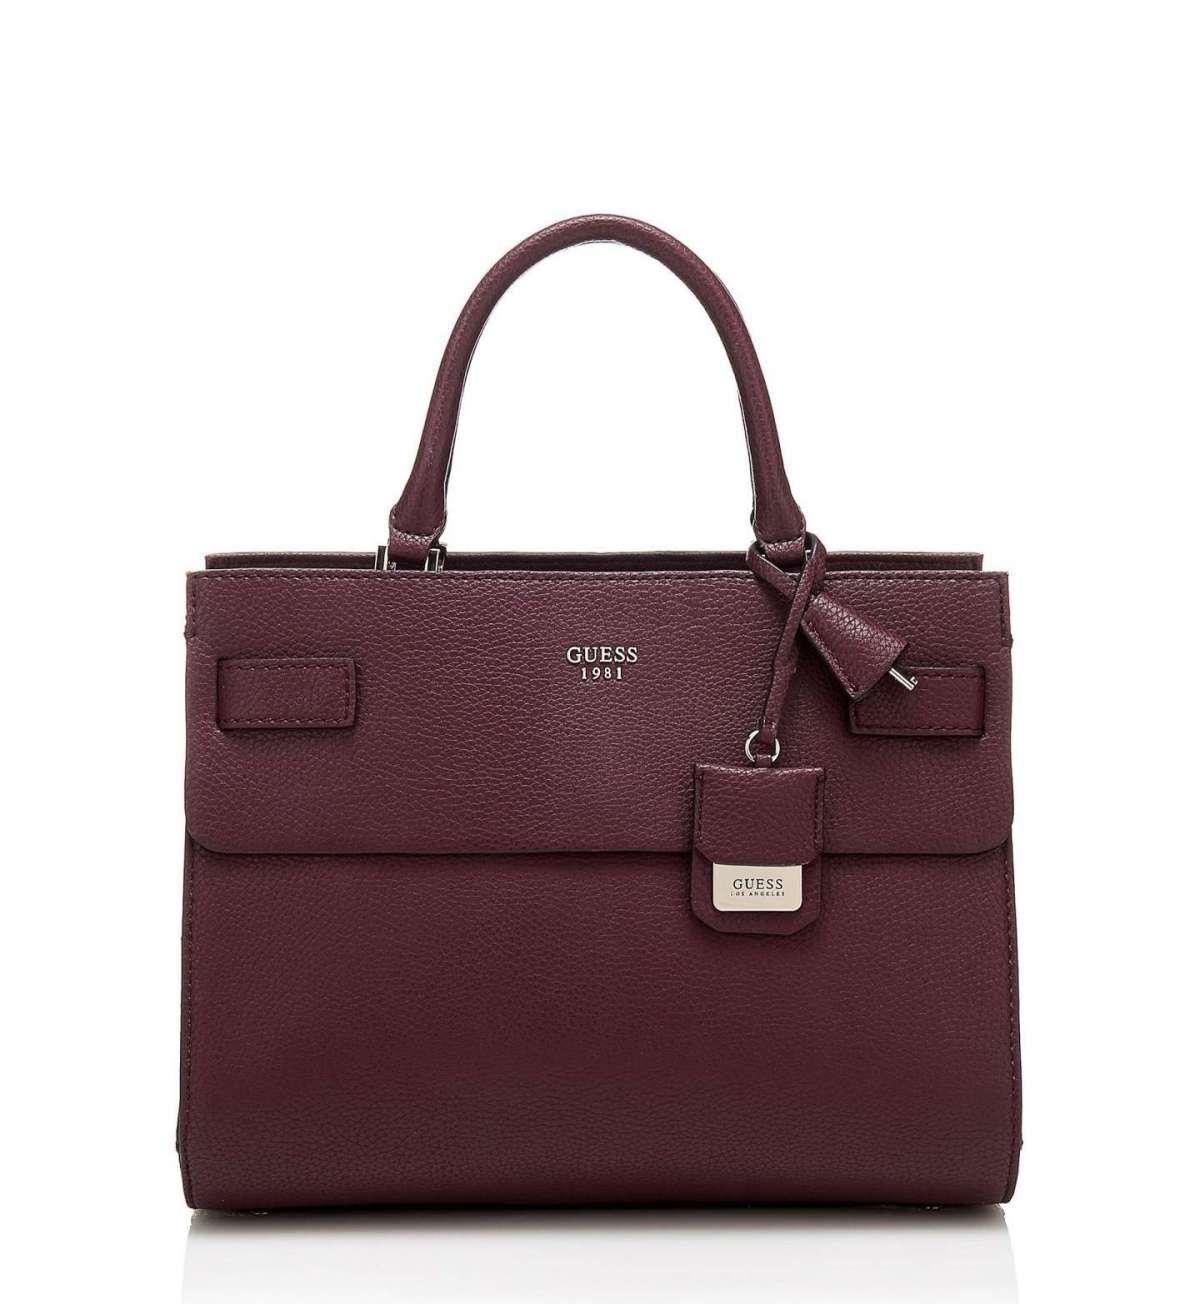 Handbag Borgogna Scuro Guess Autunno Inverno 2017